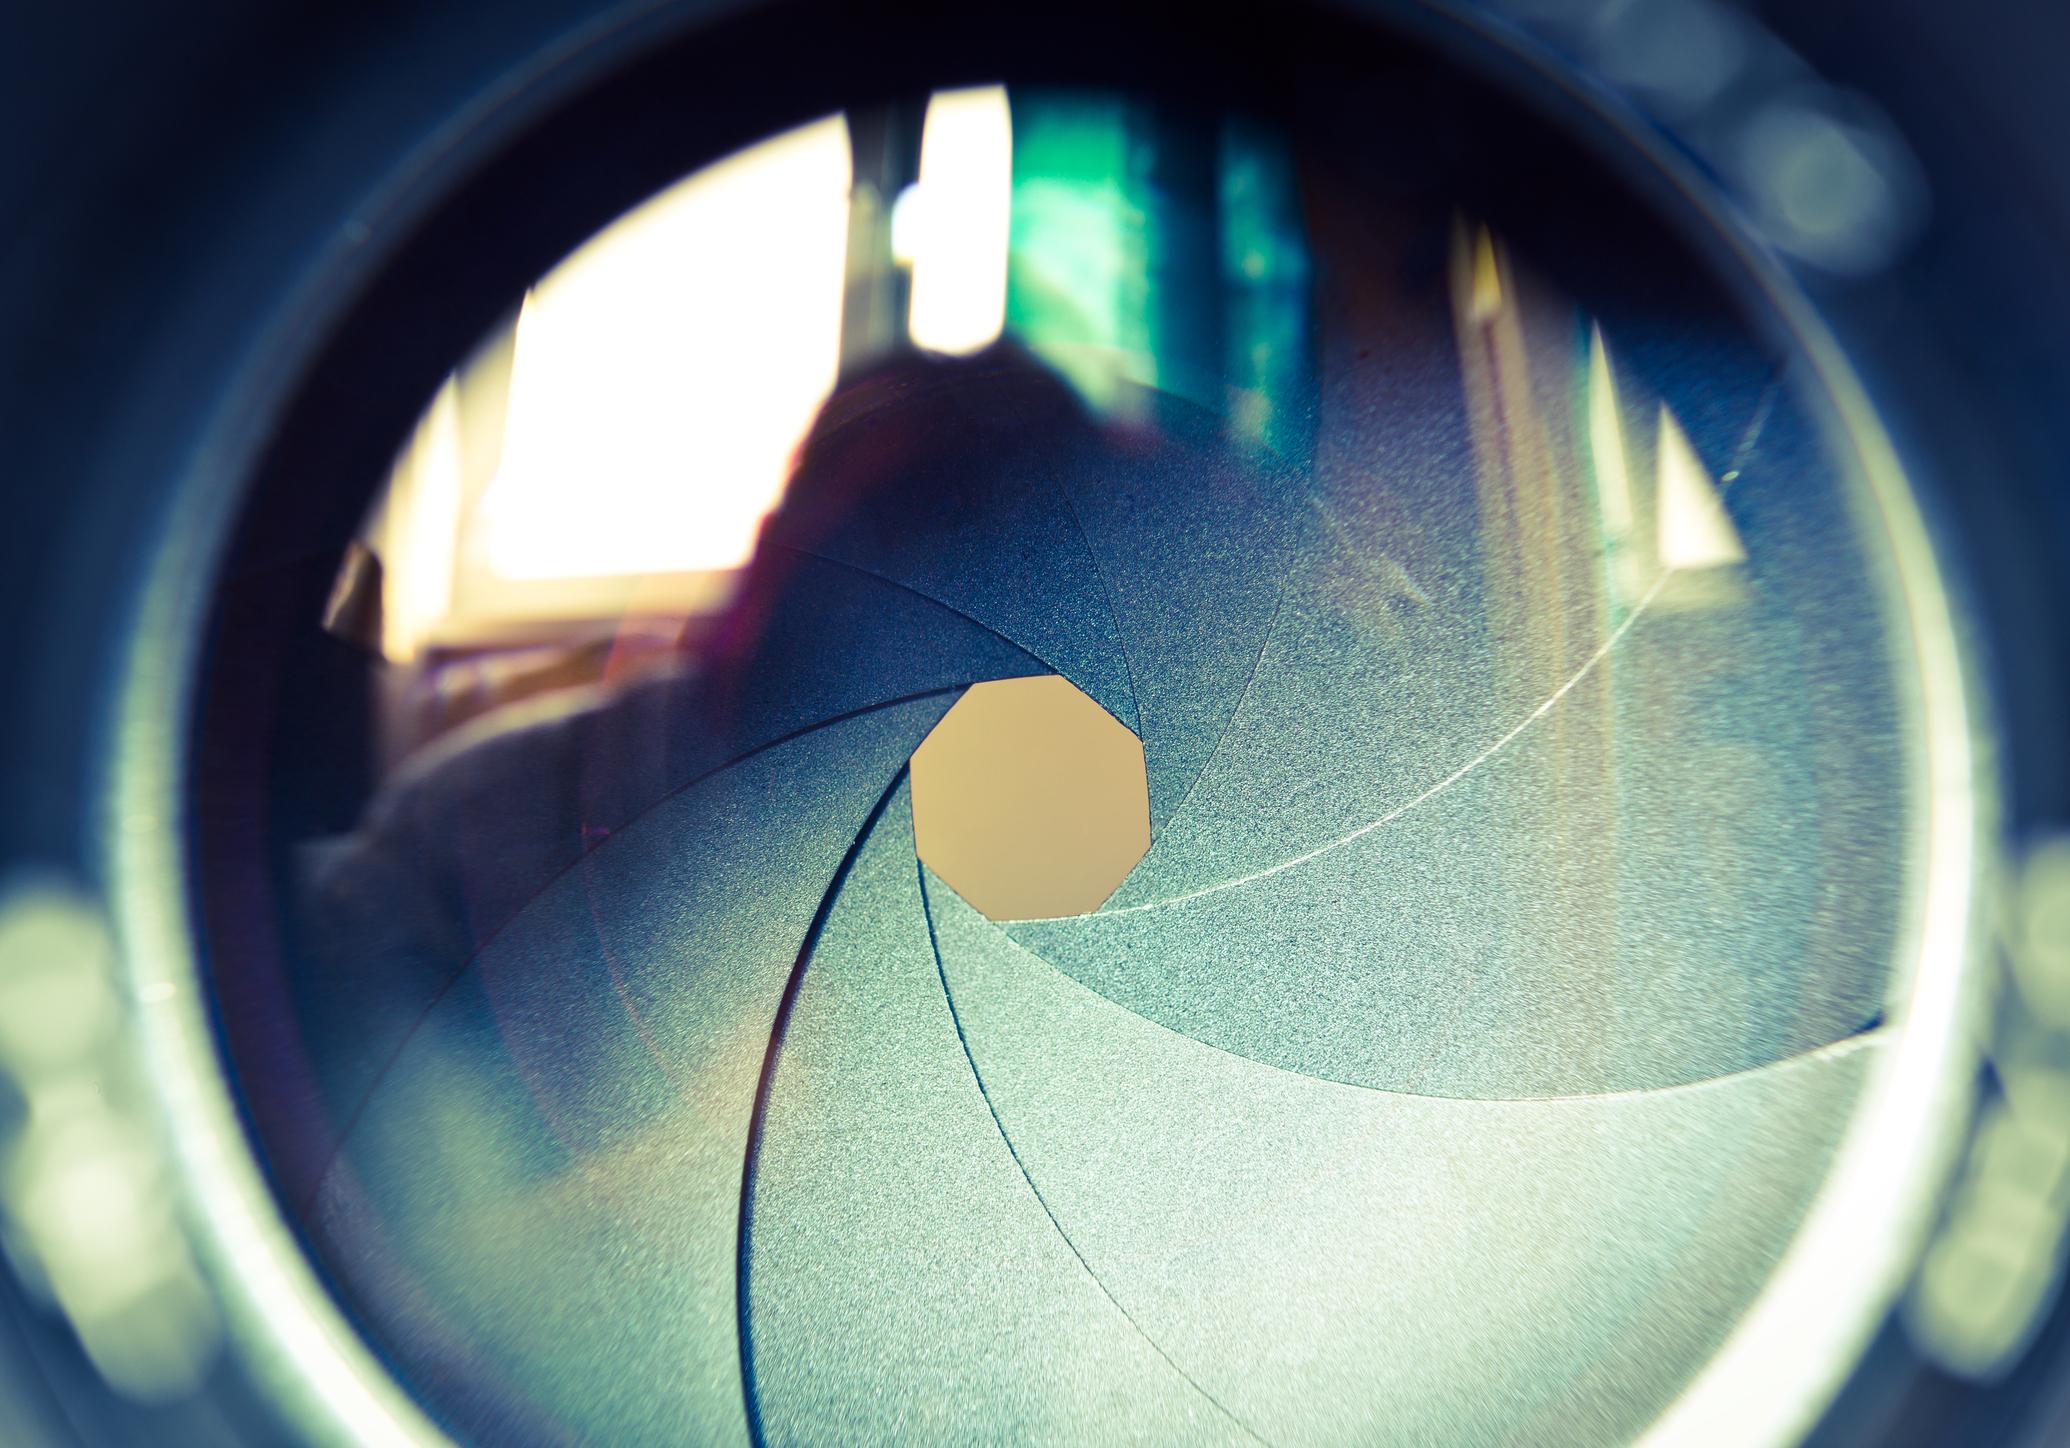 Camera lens focus zoom aperture.